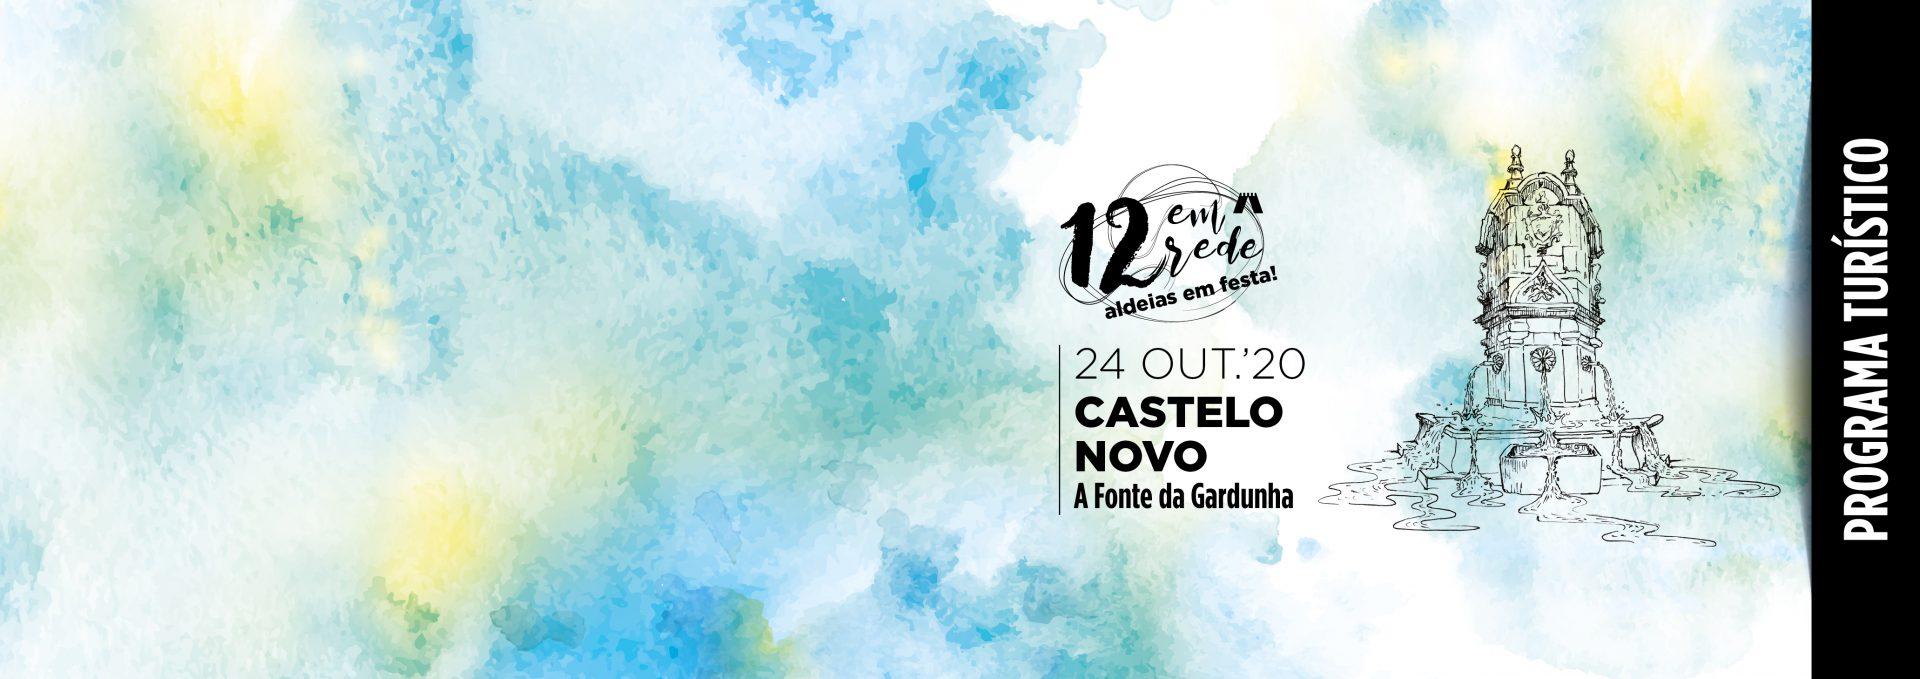 Pela Fonte dos Sons de Castelo Novo | TRY PORTUGAL